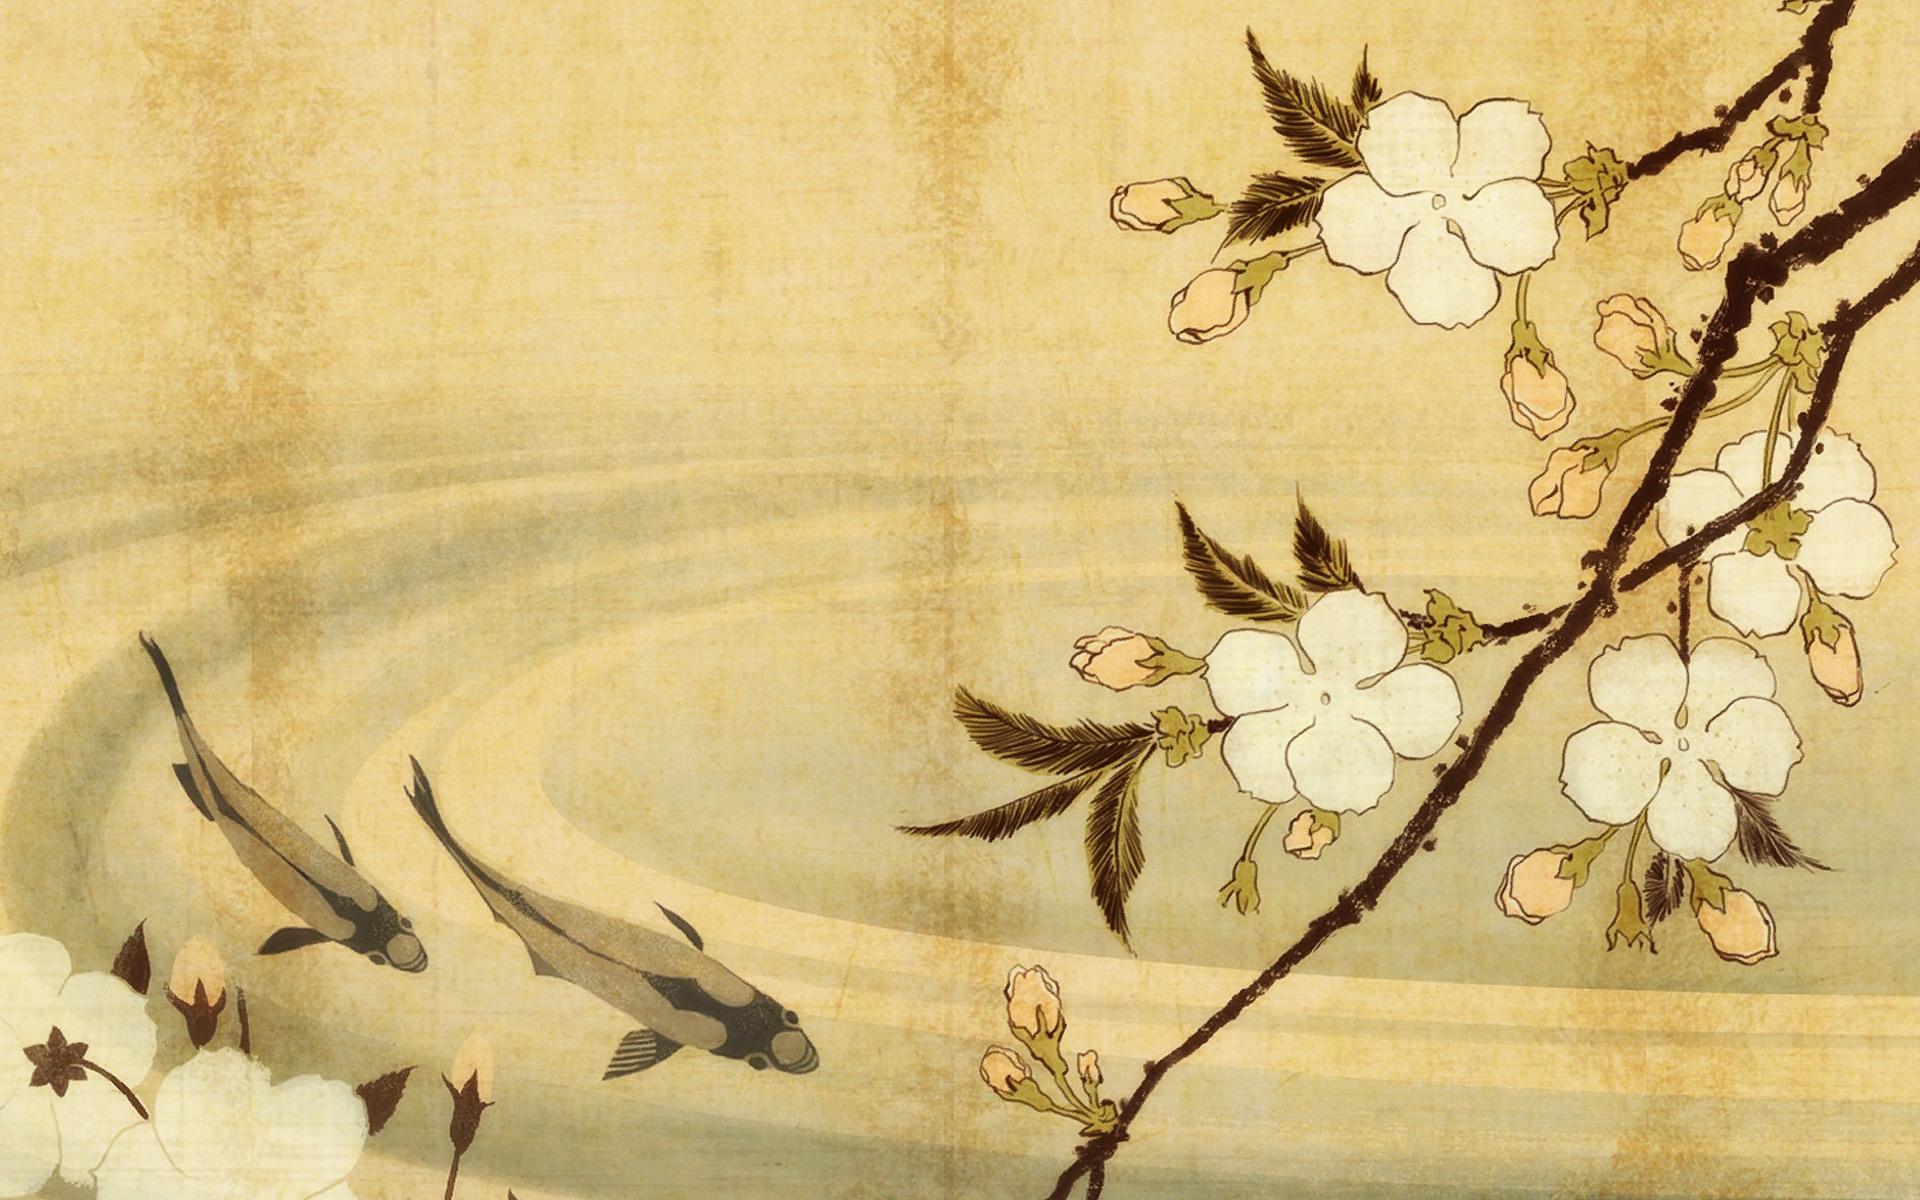 Japanese Carp Art Wallpaper 1920X1200 World Wallpaper Collection 1920x1200